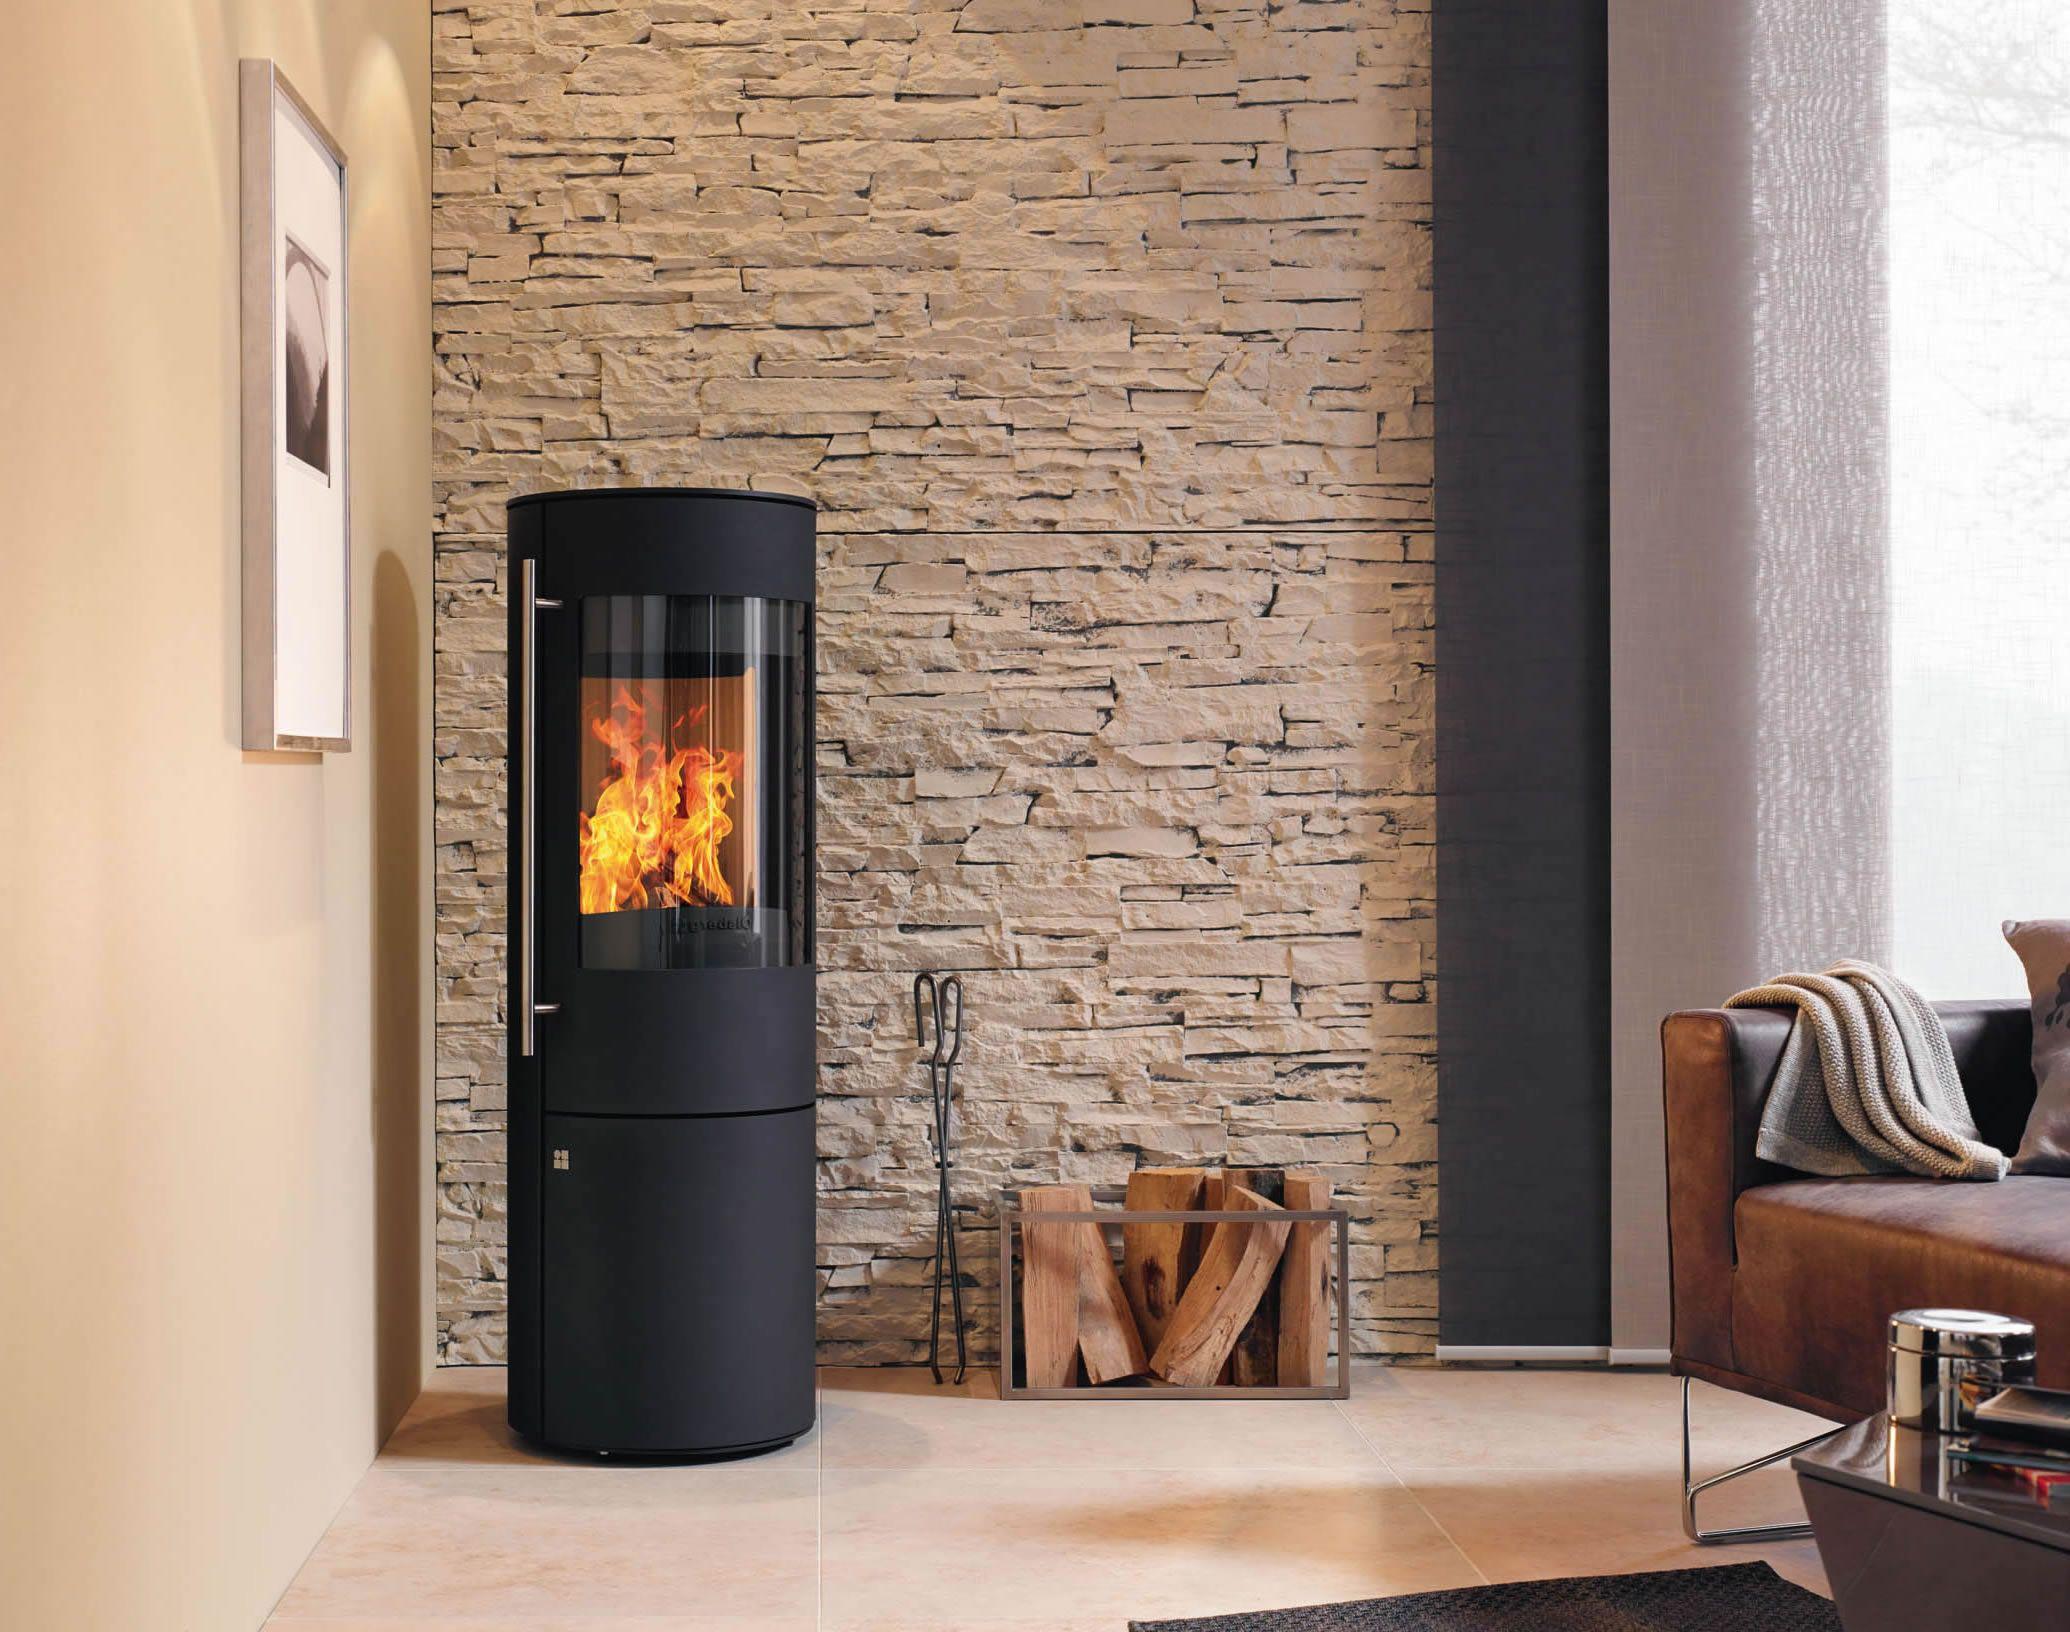 schwedenofen chemin e kaminofen ofen chemineeofen schweden fen holzofen specksteinofen. Black Bedroom Furniture Sets. Home Design Ideas